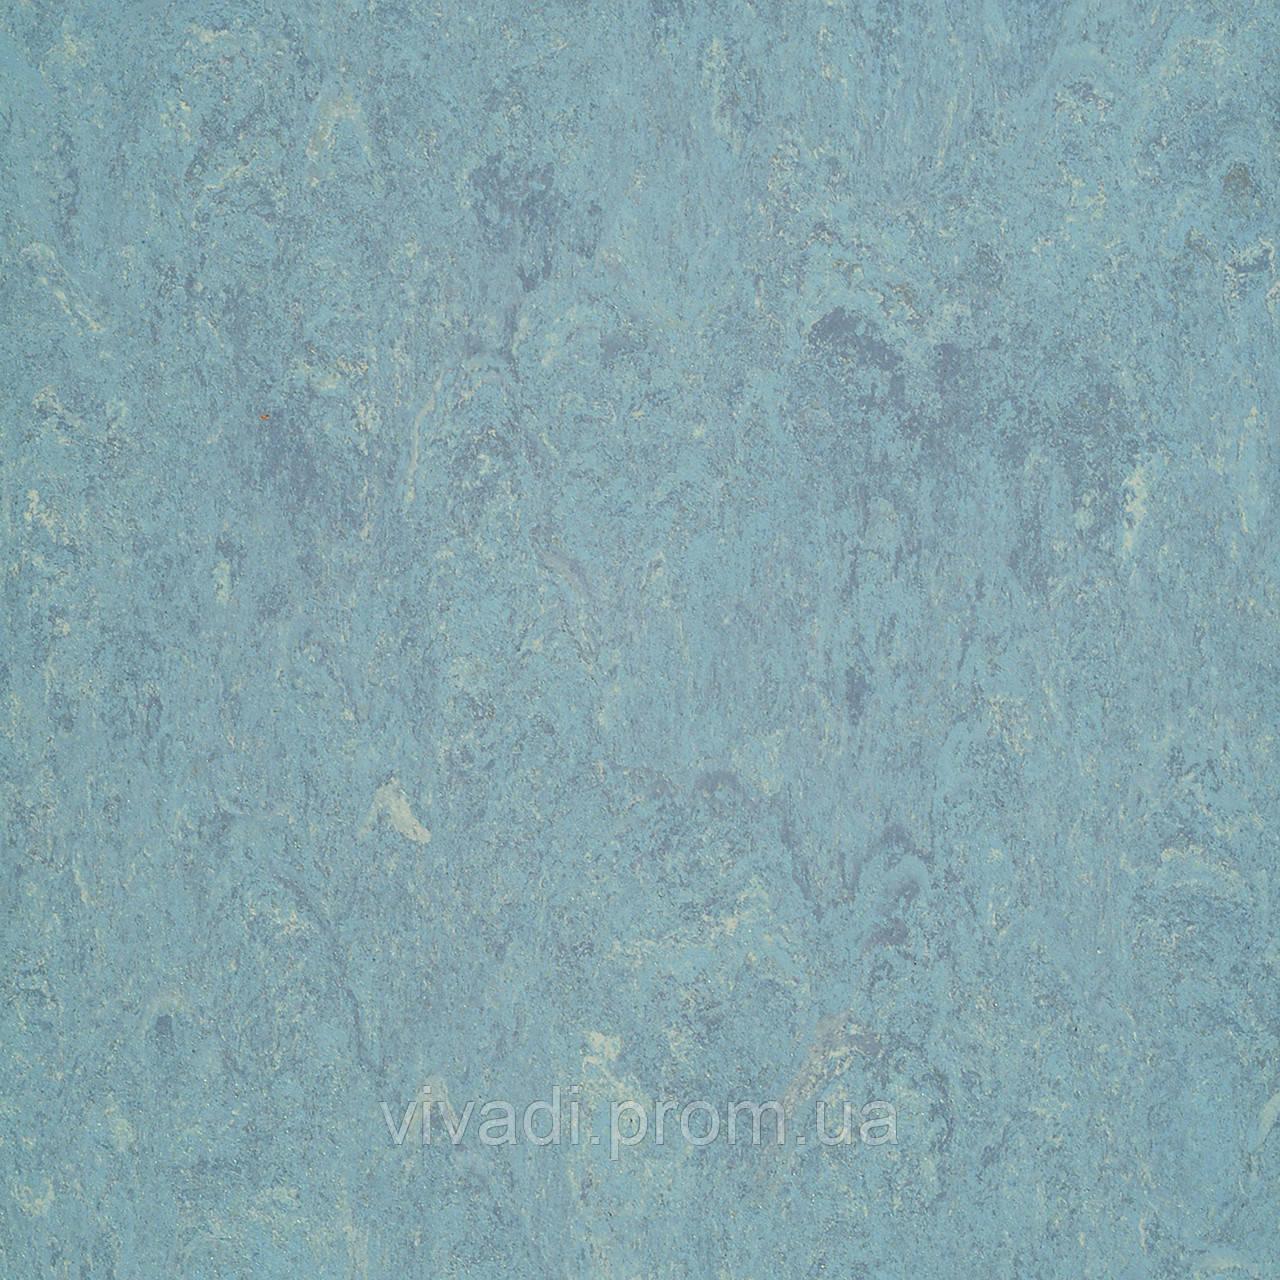 Натуральний лінолеум Marmorette PUR - колір 125-023